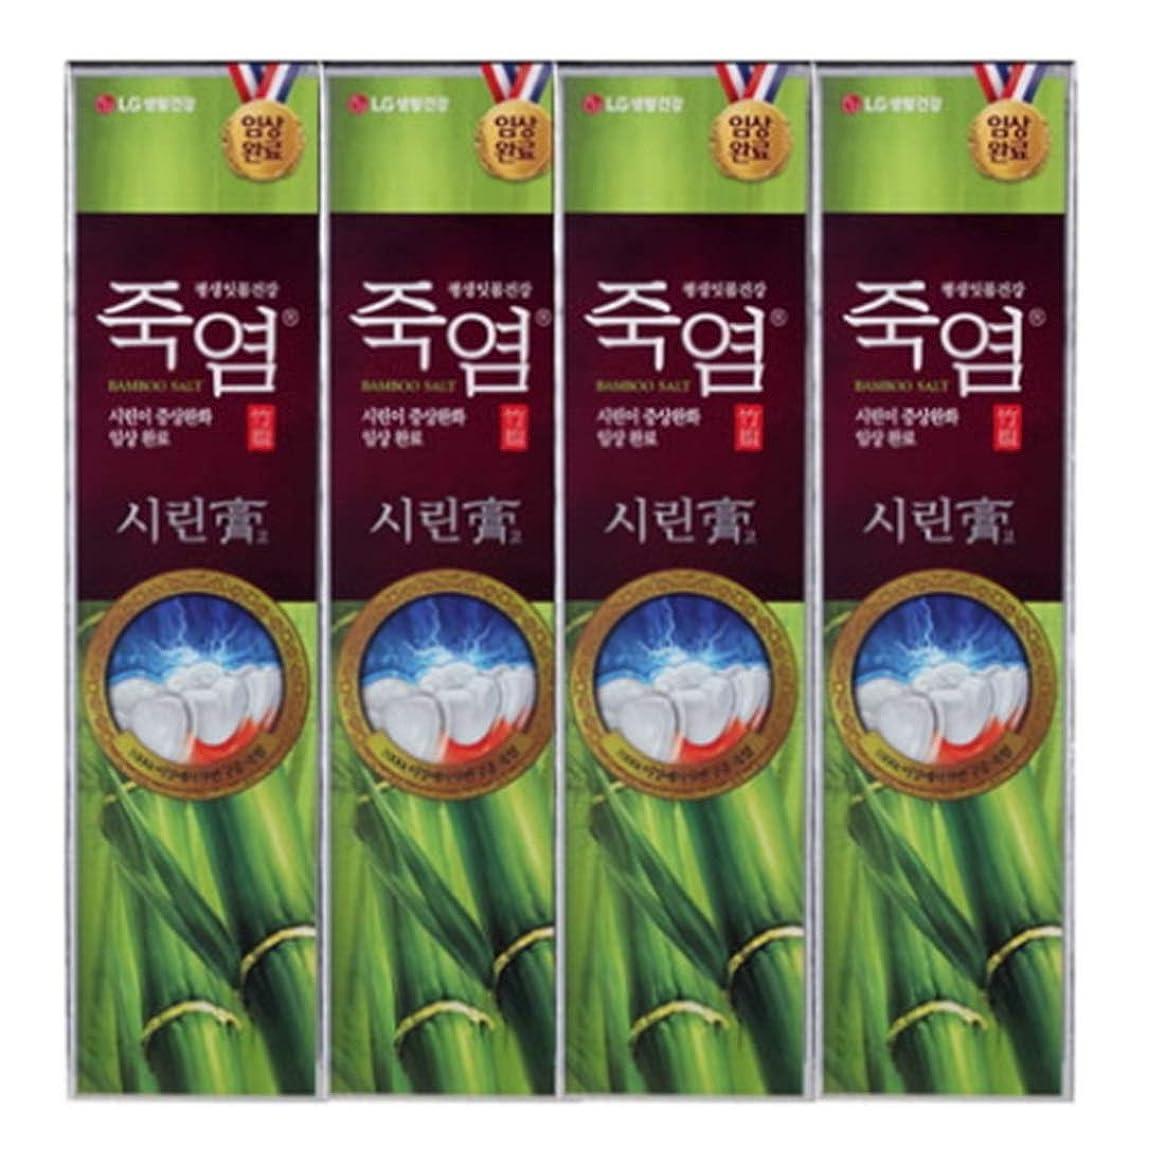 悲劇的なベーコンアパート[LG Care/LG生活健康]竹塩歯磨き粉つぶれて歯茎を健康に120g x4ea/歯磨きセットスペシャル?リミテッドToothpaste Set Special Limited Korea(海外直送品)